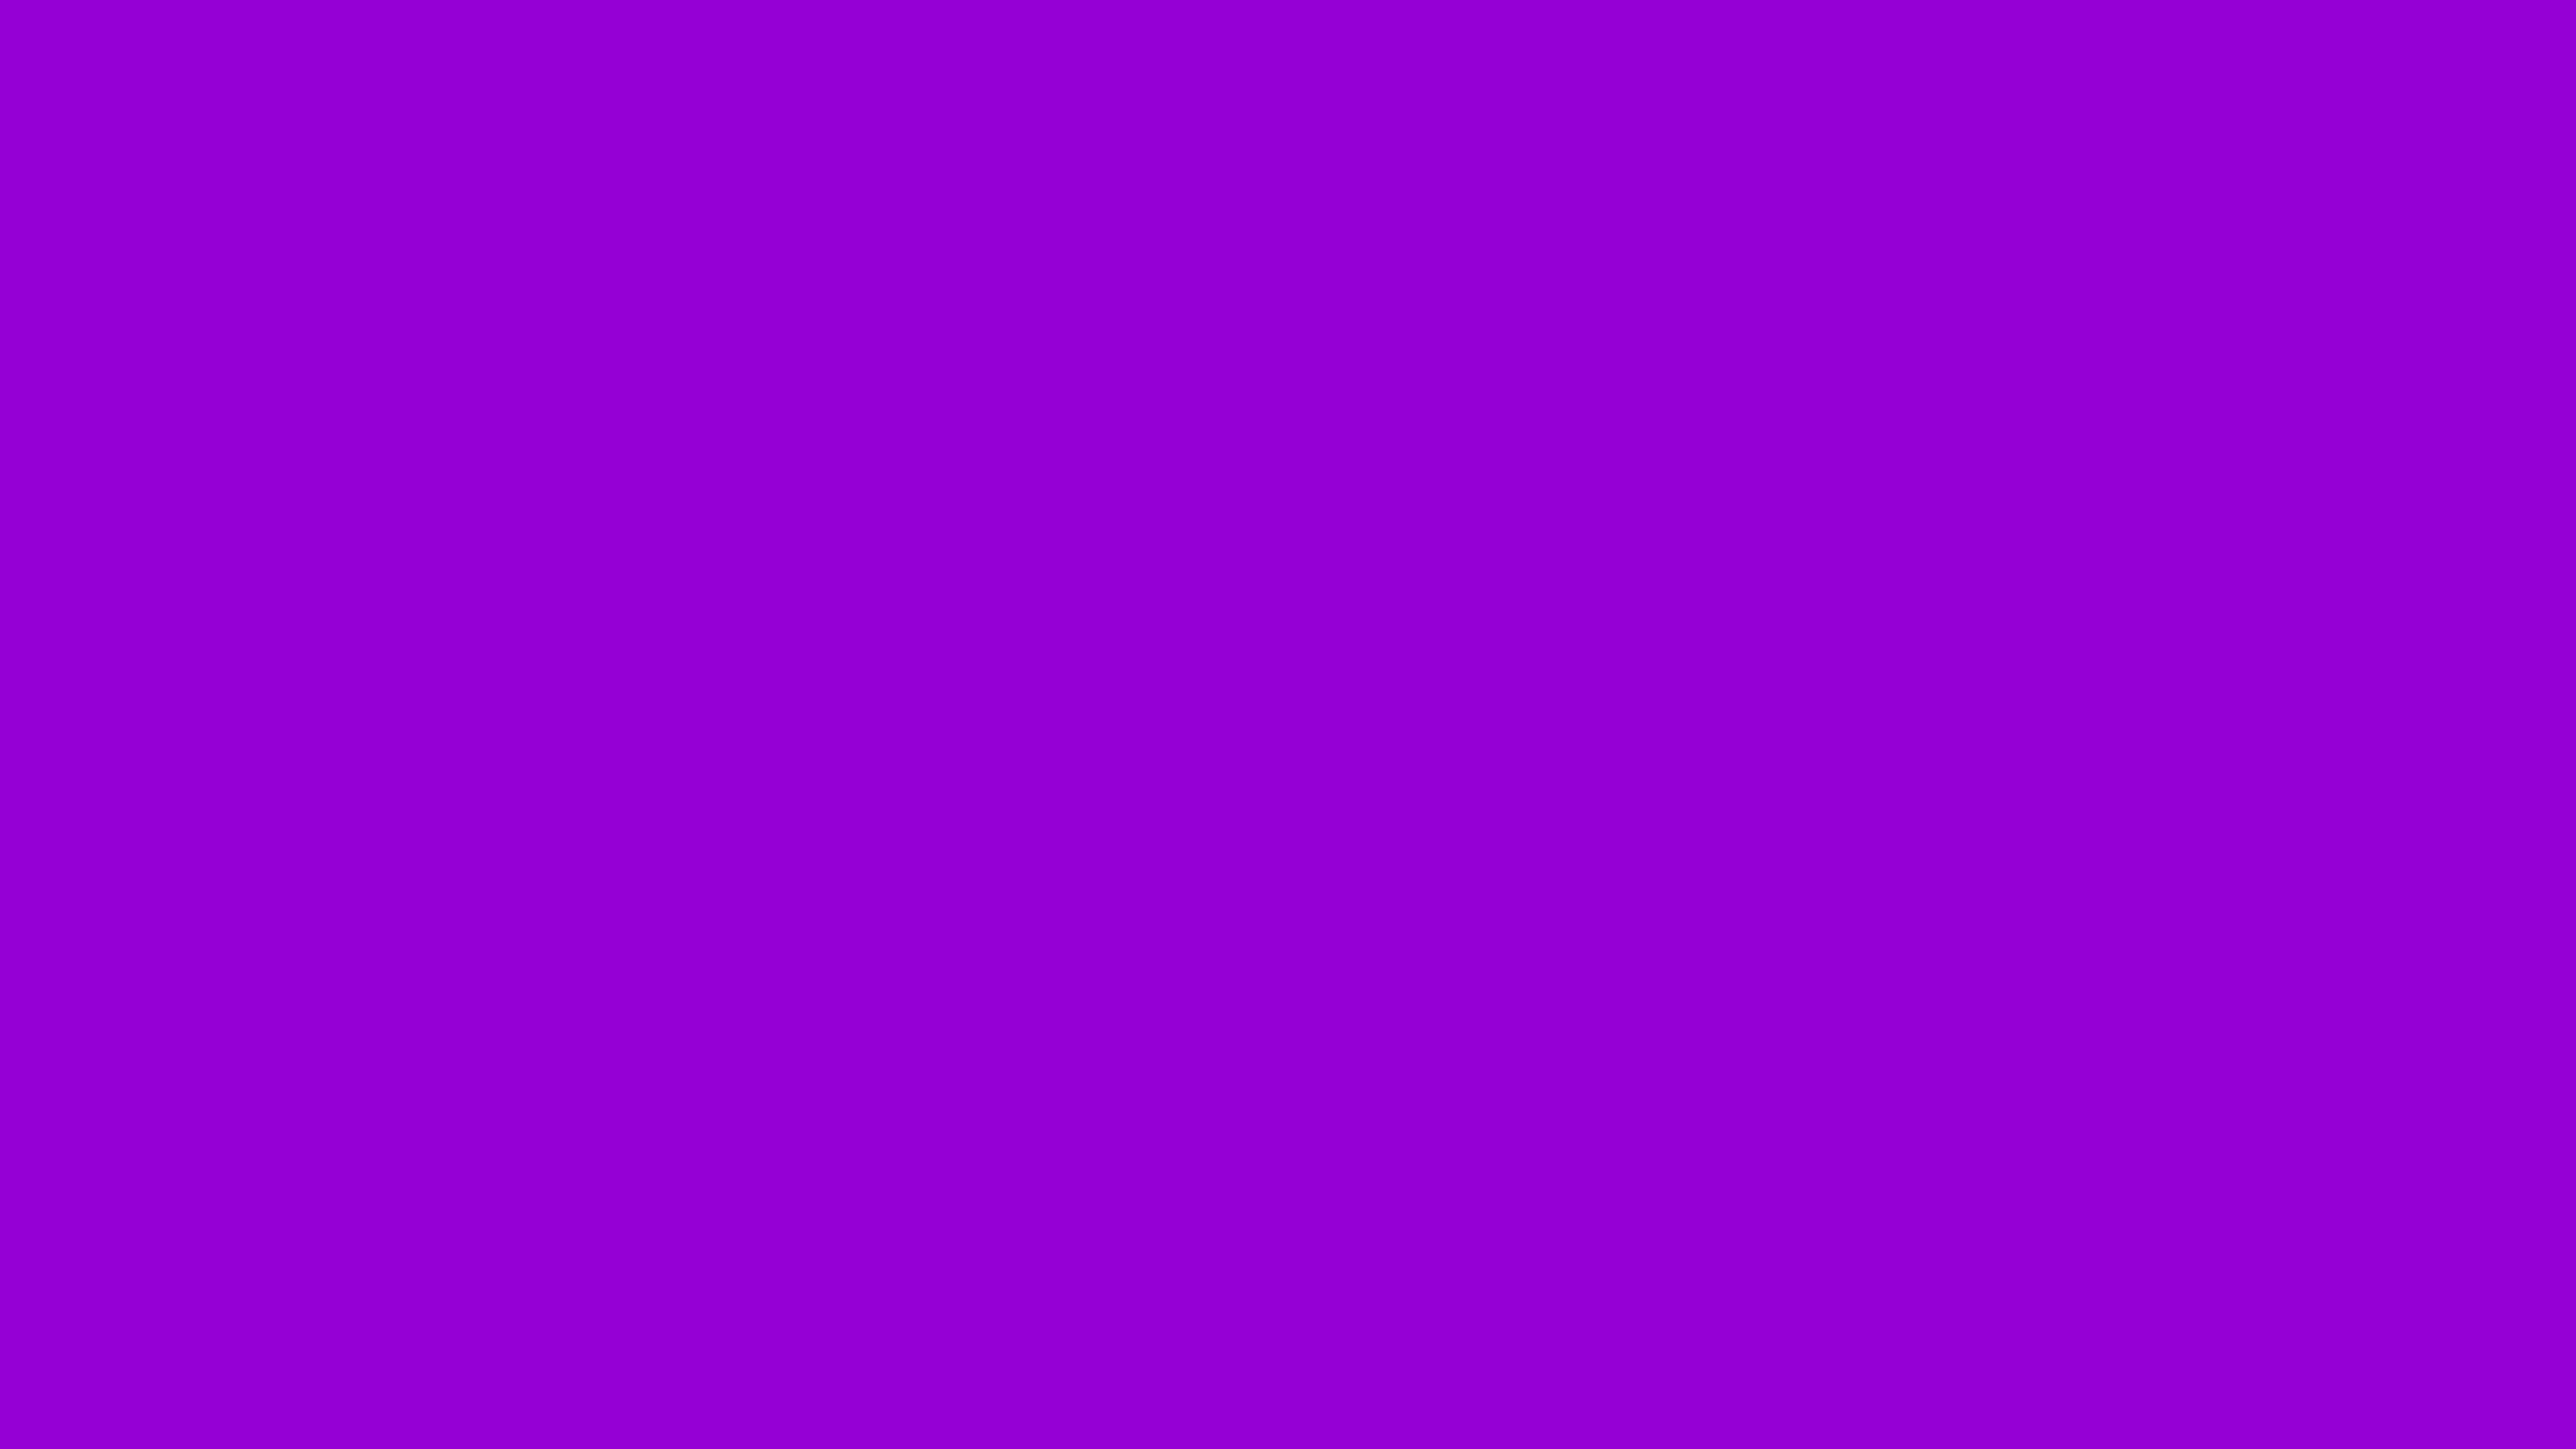 5120x2880 Dark Violet Solid Color Background